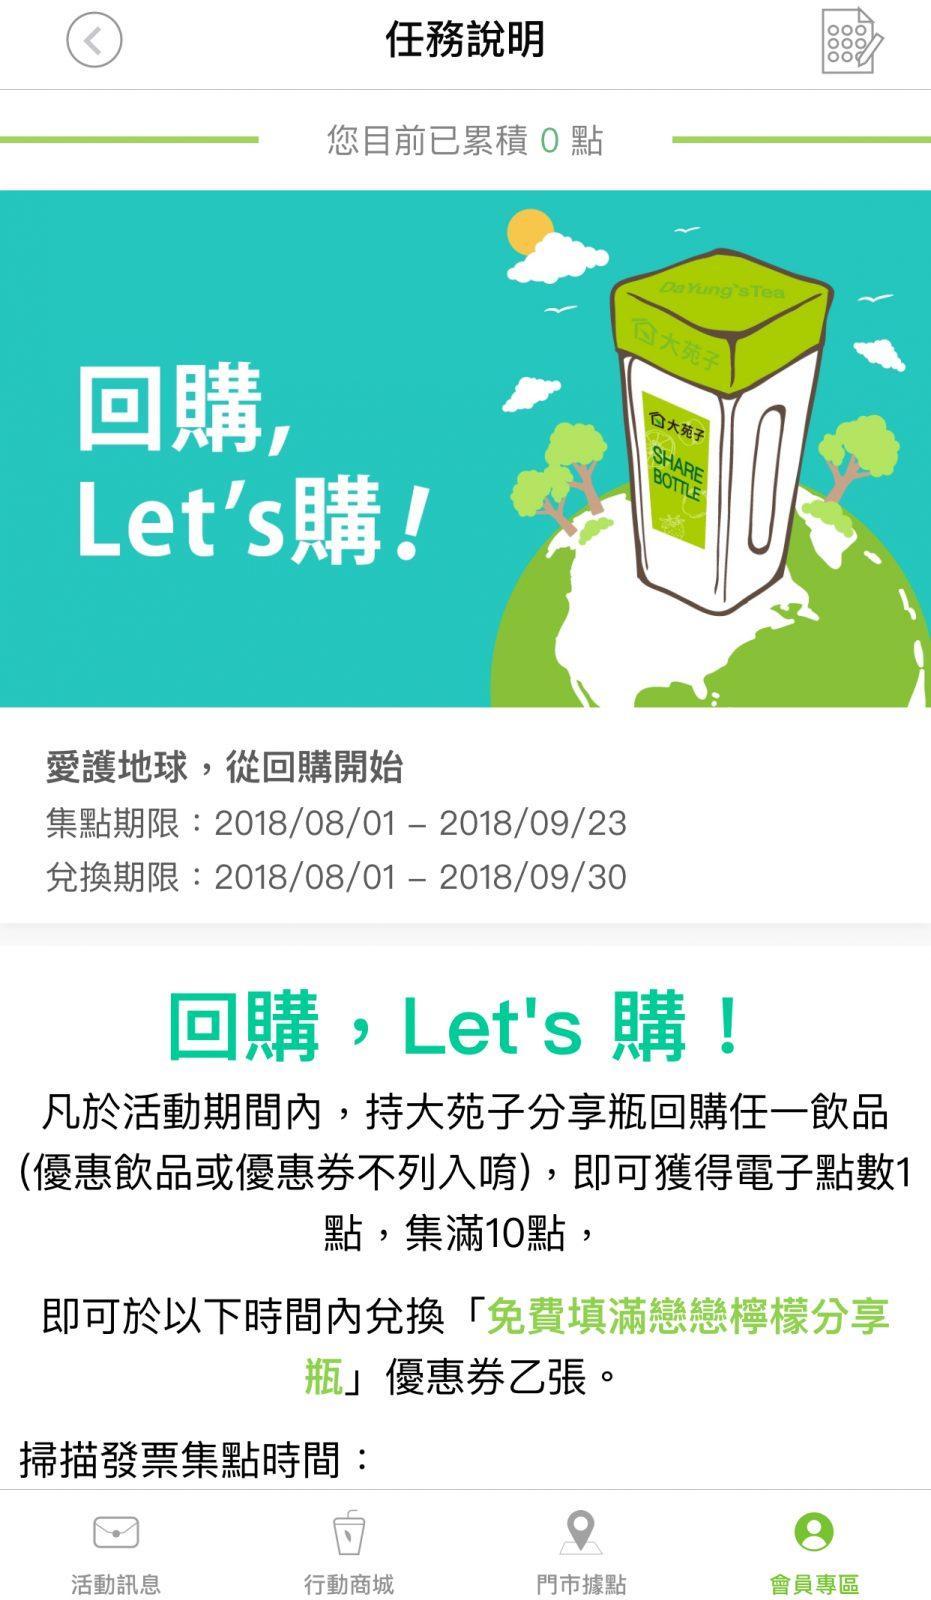 大苑子【新品推薦】環保杯折扣15元!飲品大推薦